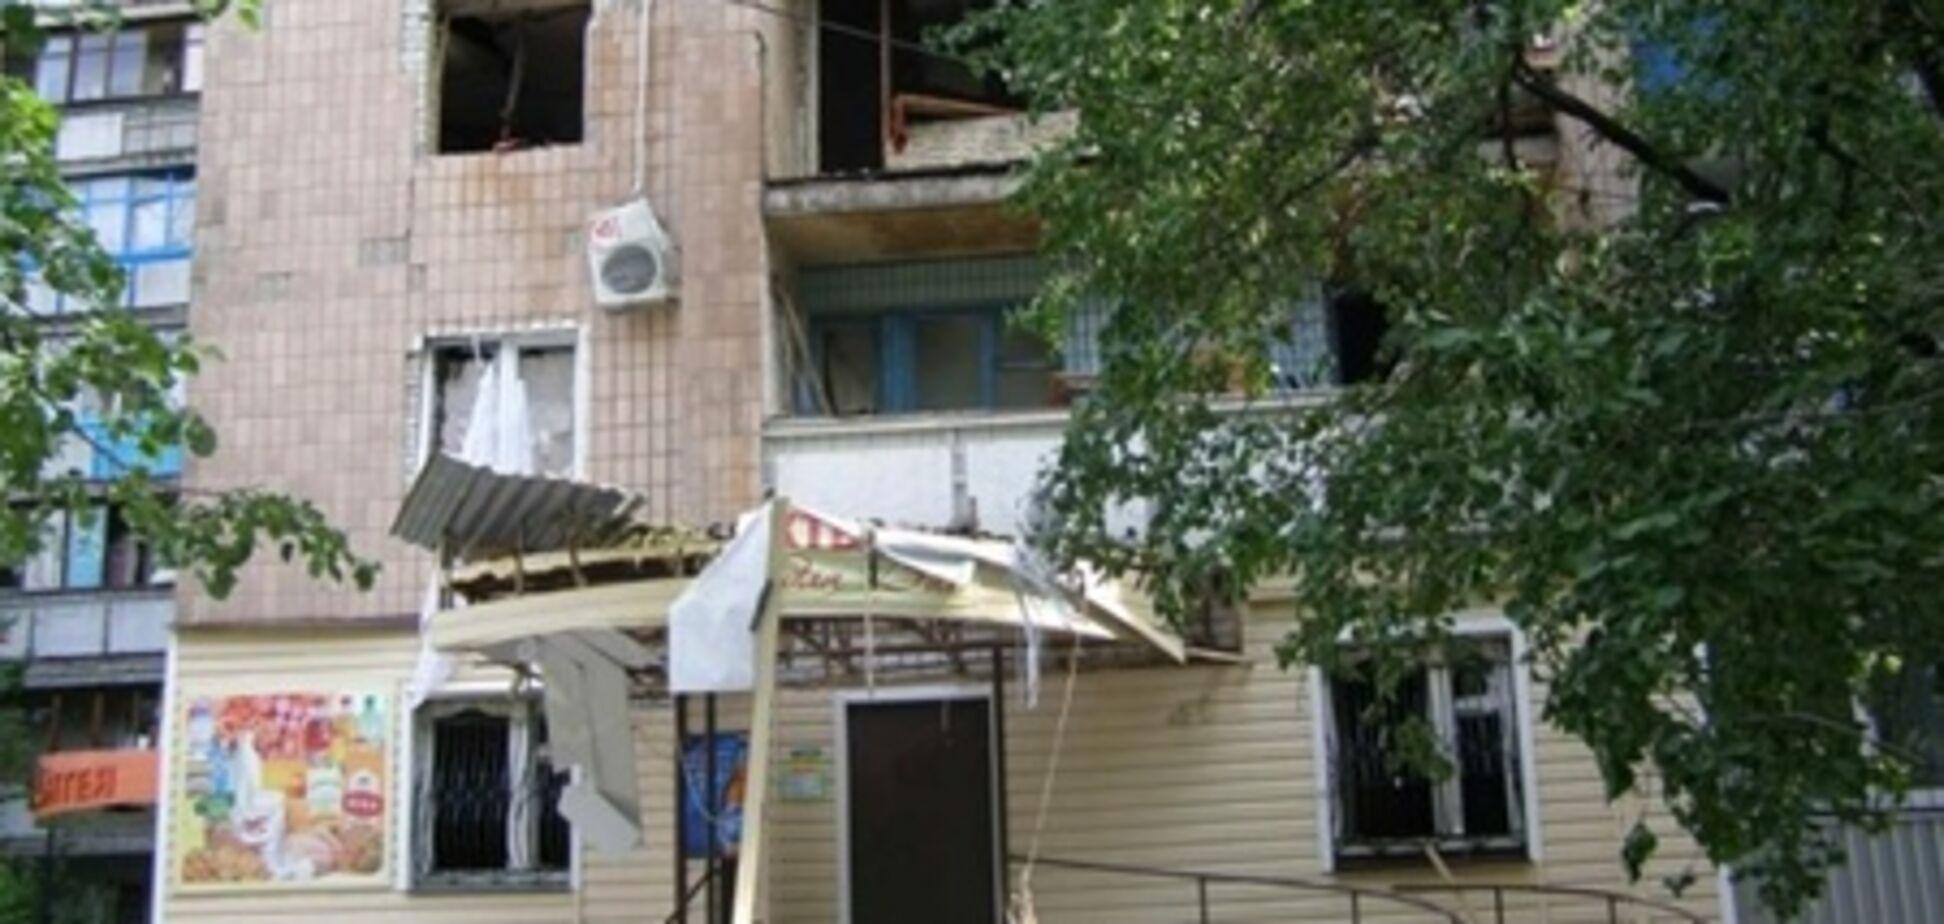 Харьковские власти подсчитали убытки от взрыва газа в жилом доме